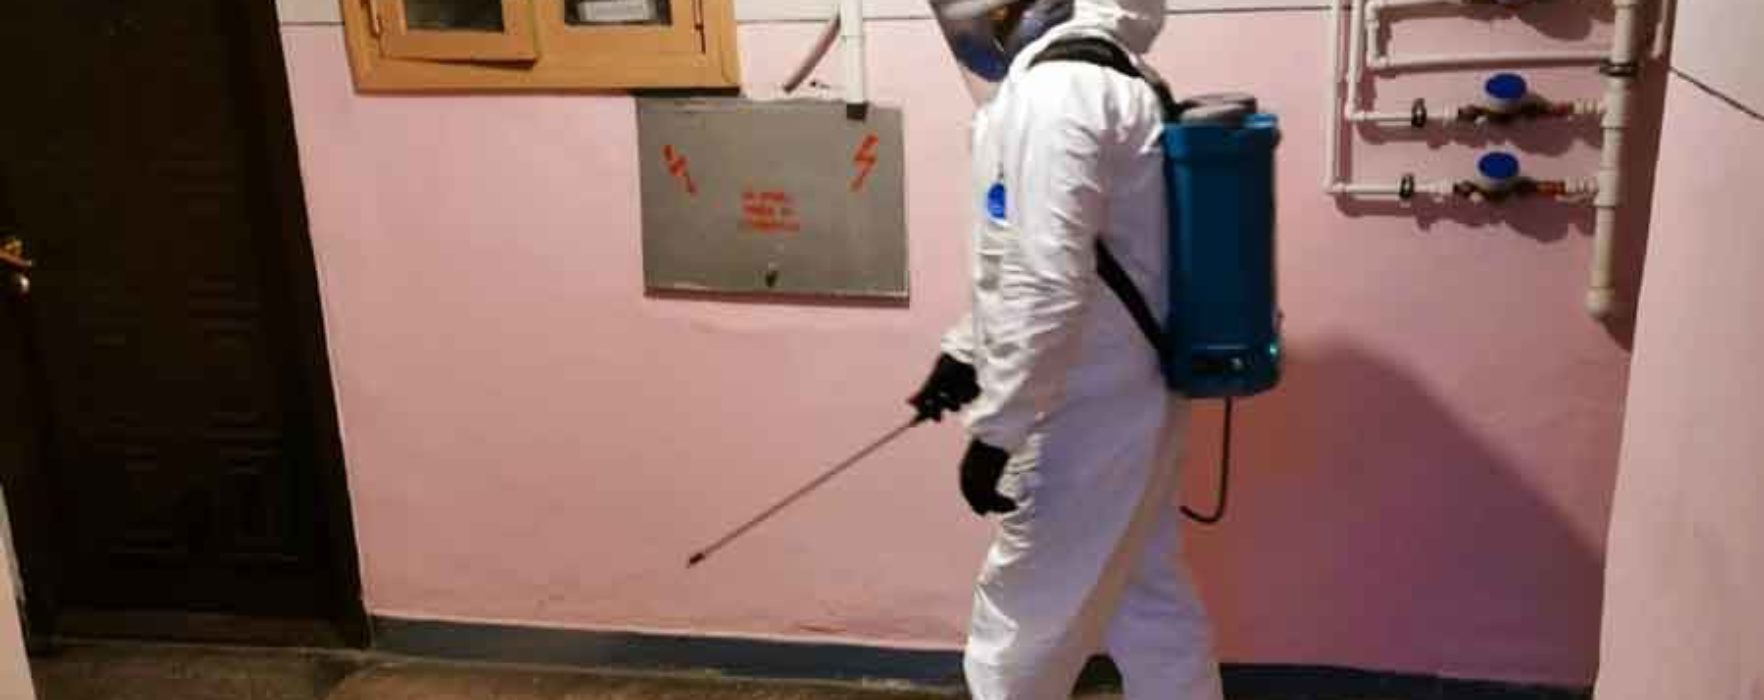 Târgovişte: Primăria dezinfectează toate scările de bloc şi pune dispozitive cu dezinfectanţi pentru mâini (video)